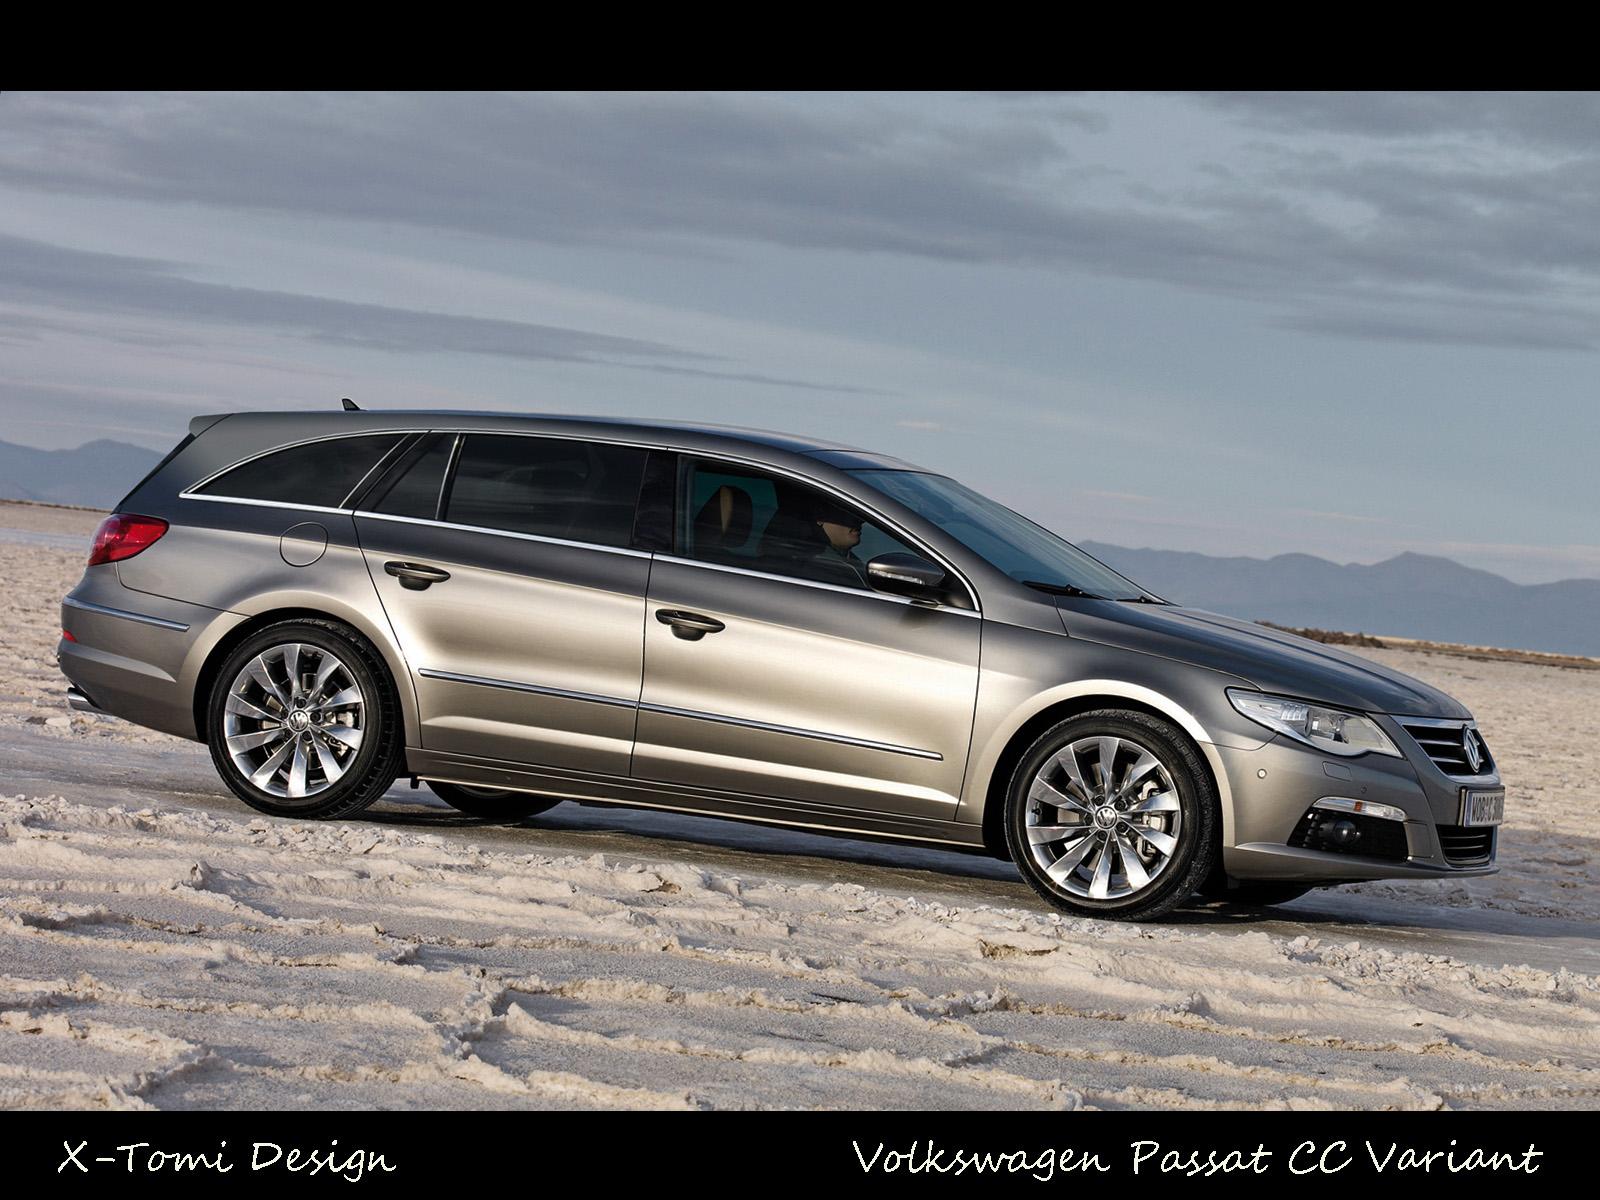 http://2.bp.blogspot.com/_zSitZNz5foY/TELg46BWFHI/AAAAAAAAAG4/VttbiwsjNW0/s1600/Volkswagen+Passat+CC+Variant.jpg